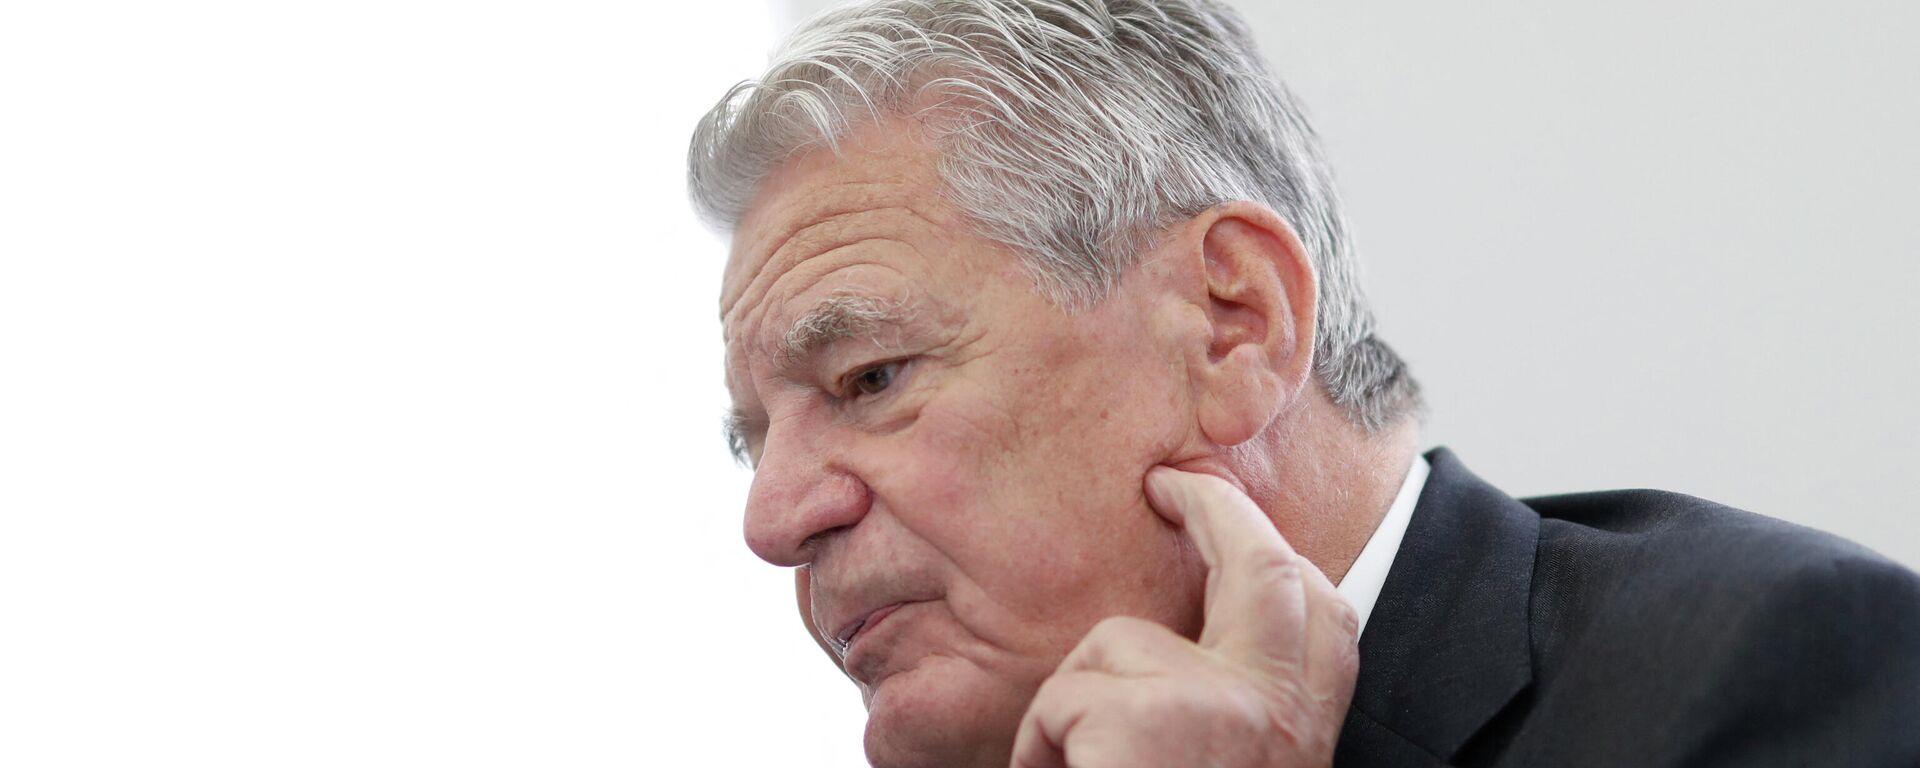 Der ehemalige deutsche Bundespräsident Joachim Gauck spricht mit Auslandskorrespondenten des Vereines der Ausländischen Presse in Deutschland (VAP) vor dem 30. Jahrestag des Falls der Berliner Mauer am 15. Oktober 2019. Archivbild - SNA, 1920, 13.09.2021